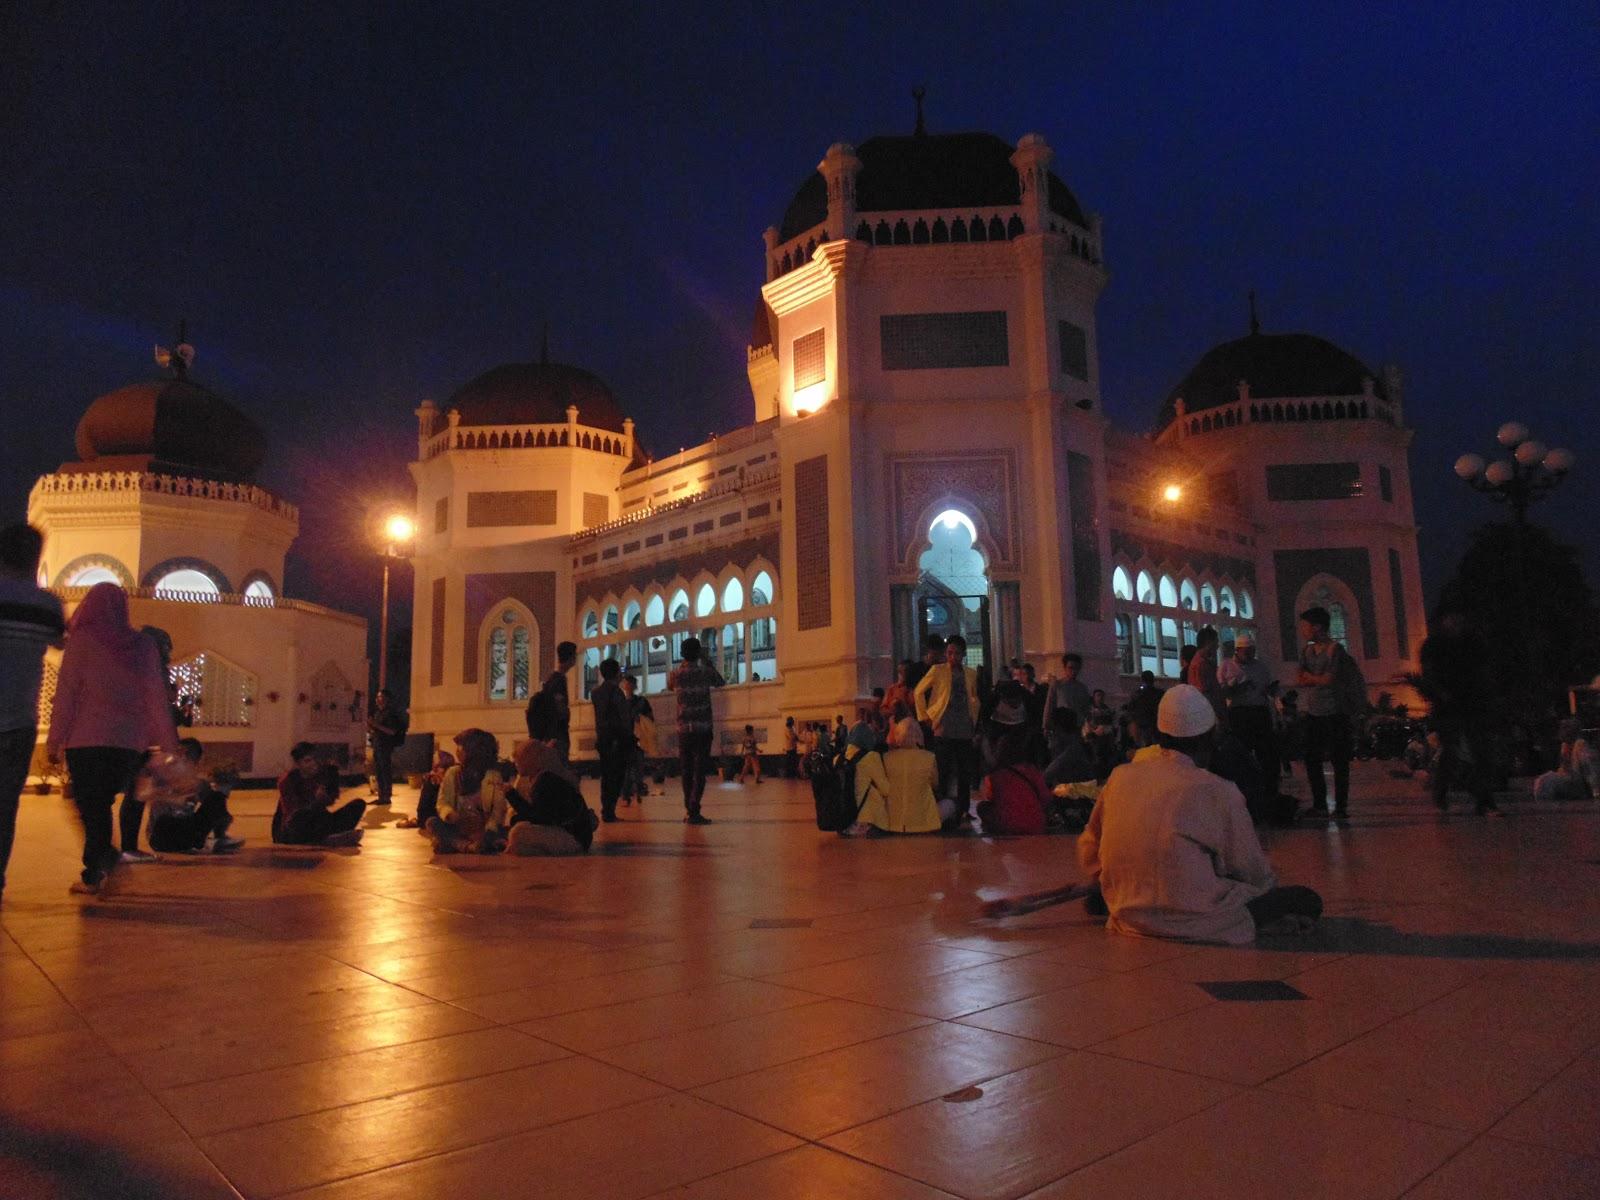 Masjid Raya Al Mashun Simbol Kejayaan Islam Kota Medan